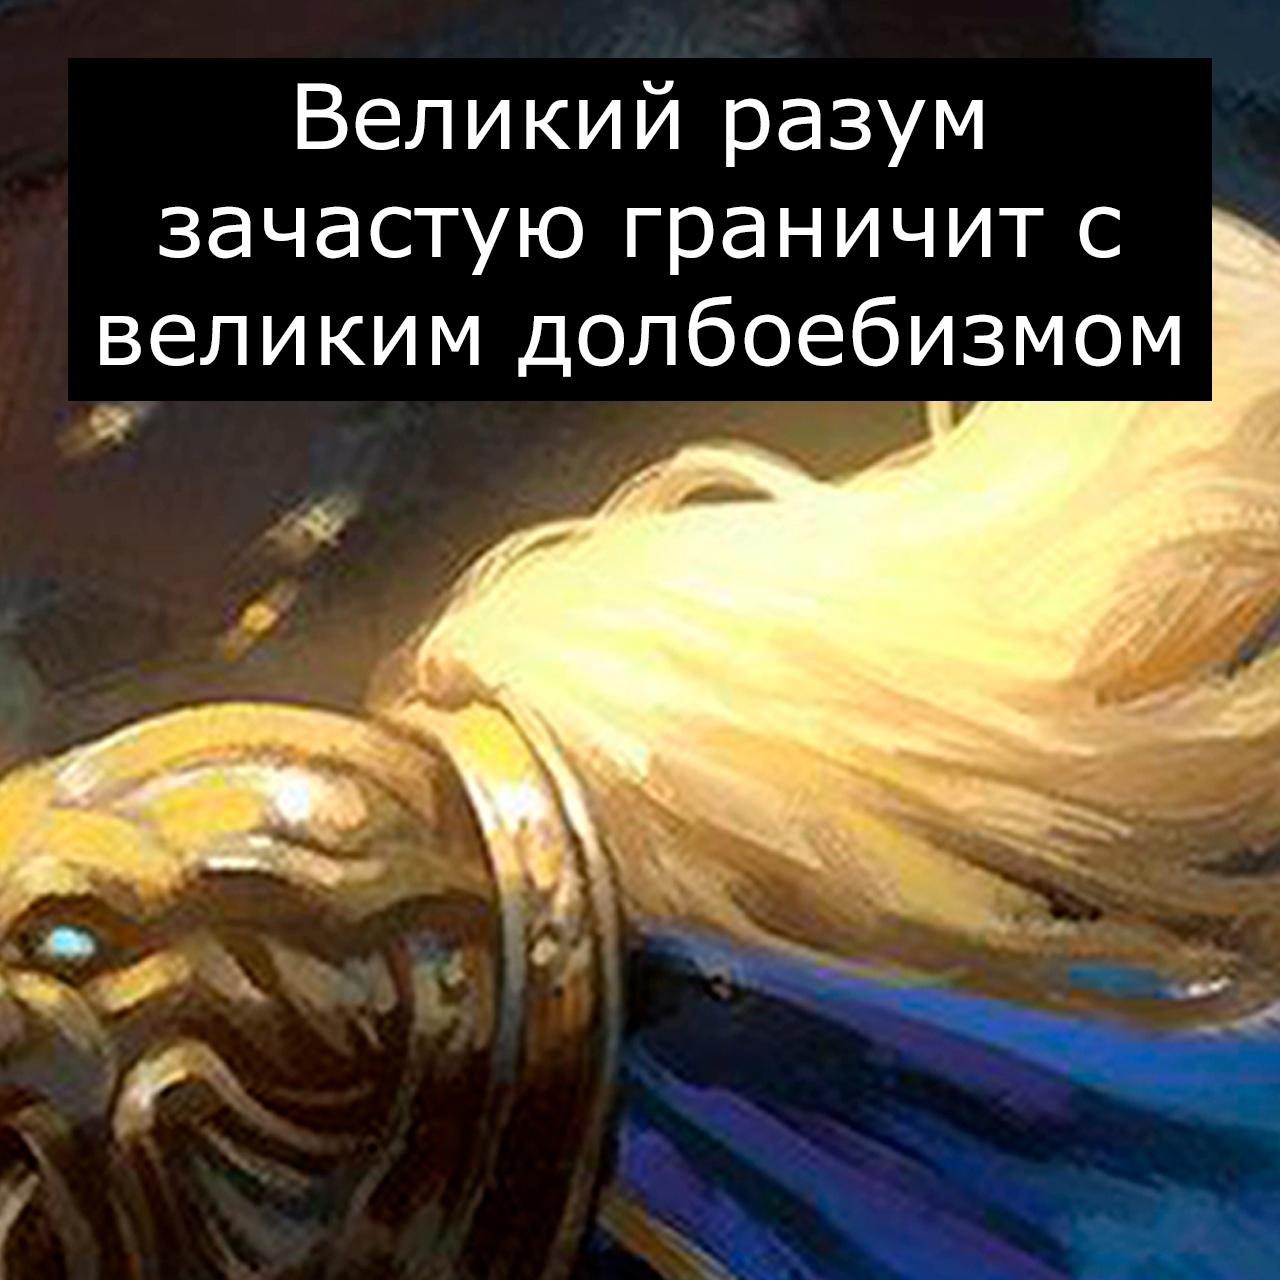 http://forumupload.ru/uploads/001a/74/14/152/774698.jpg